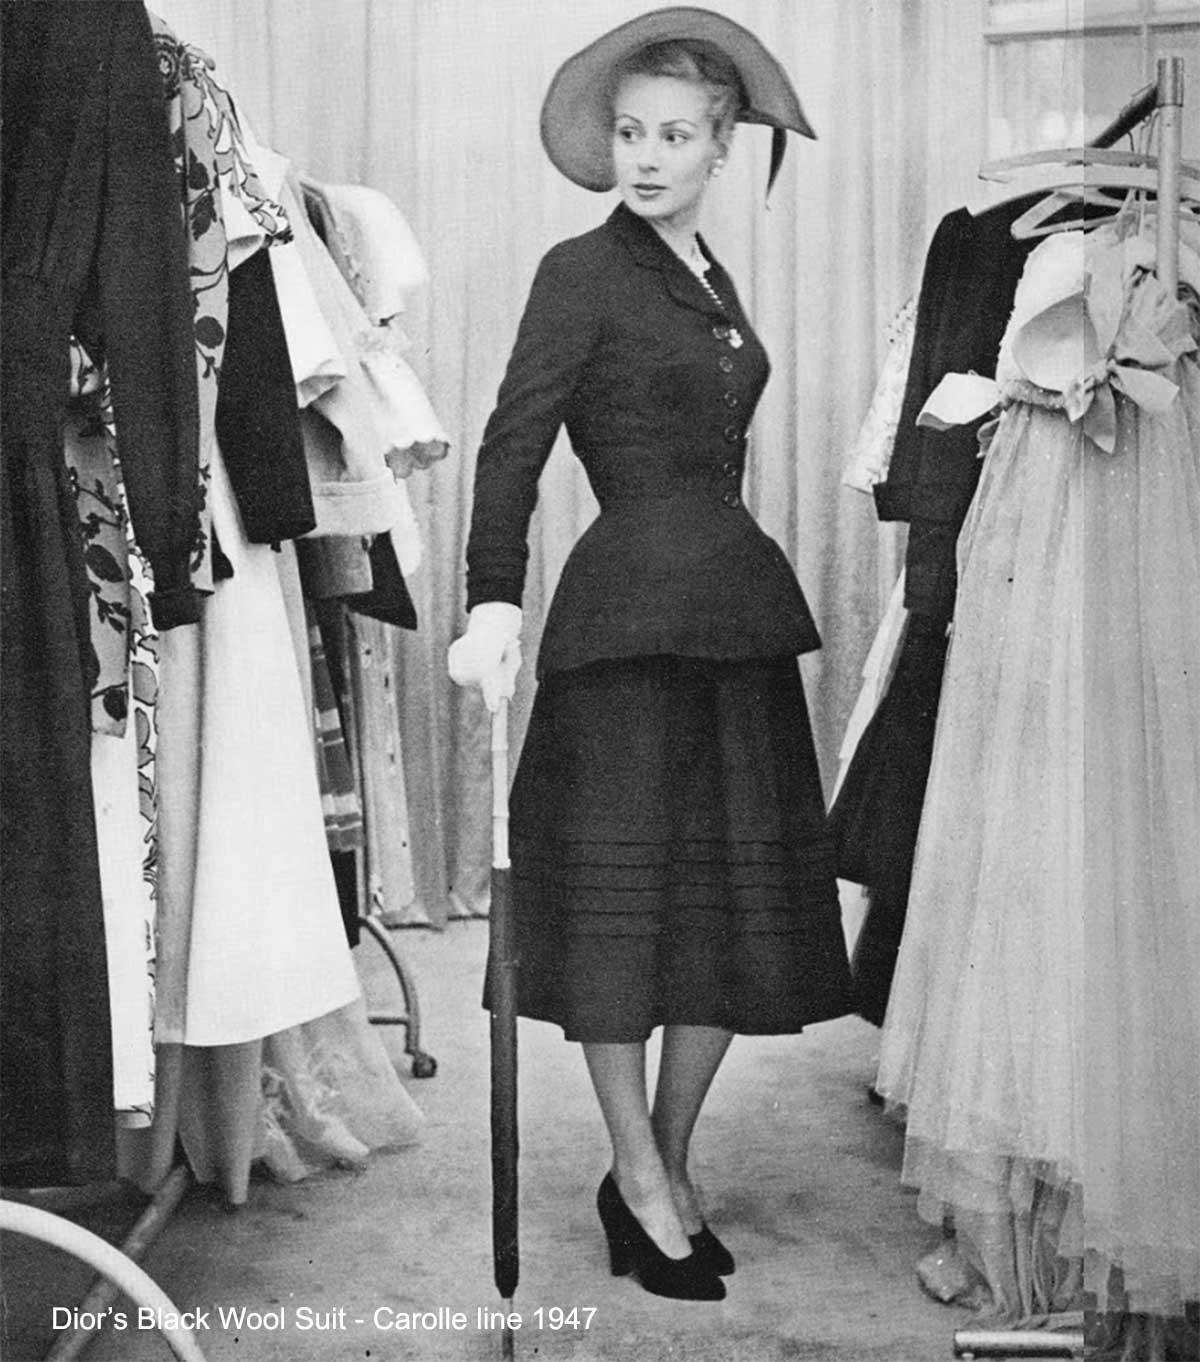 Dior-Black-Wool-Suit-Corolle-line-1947